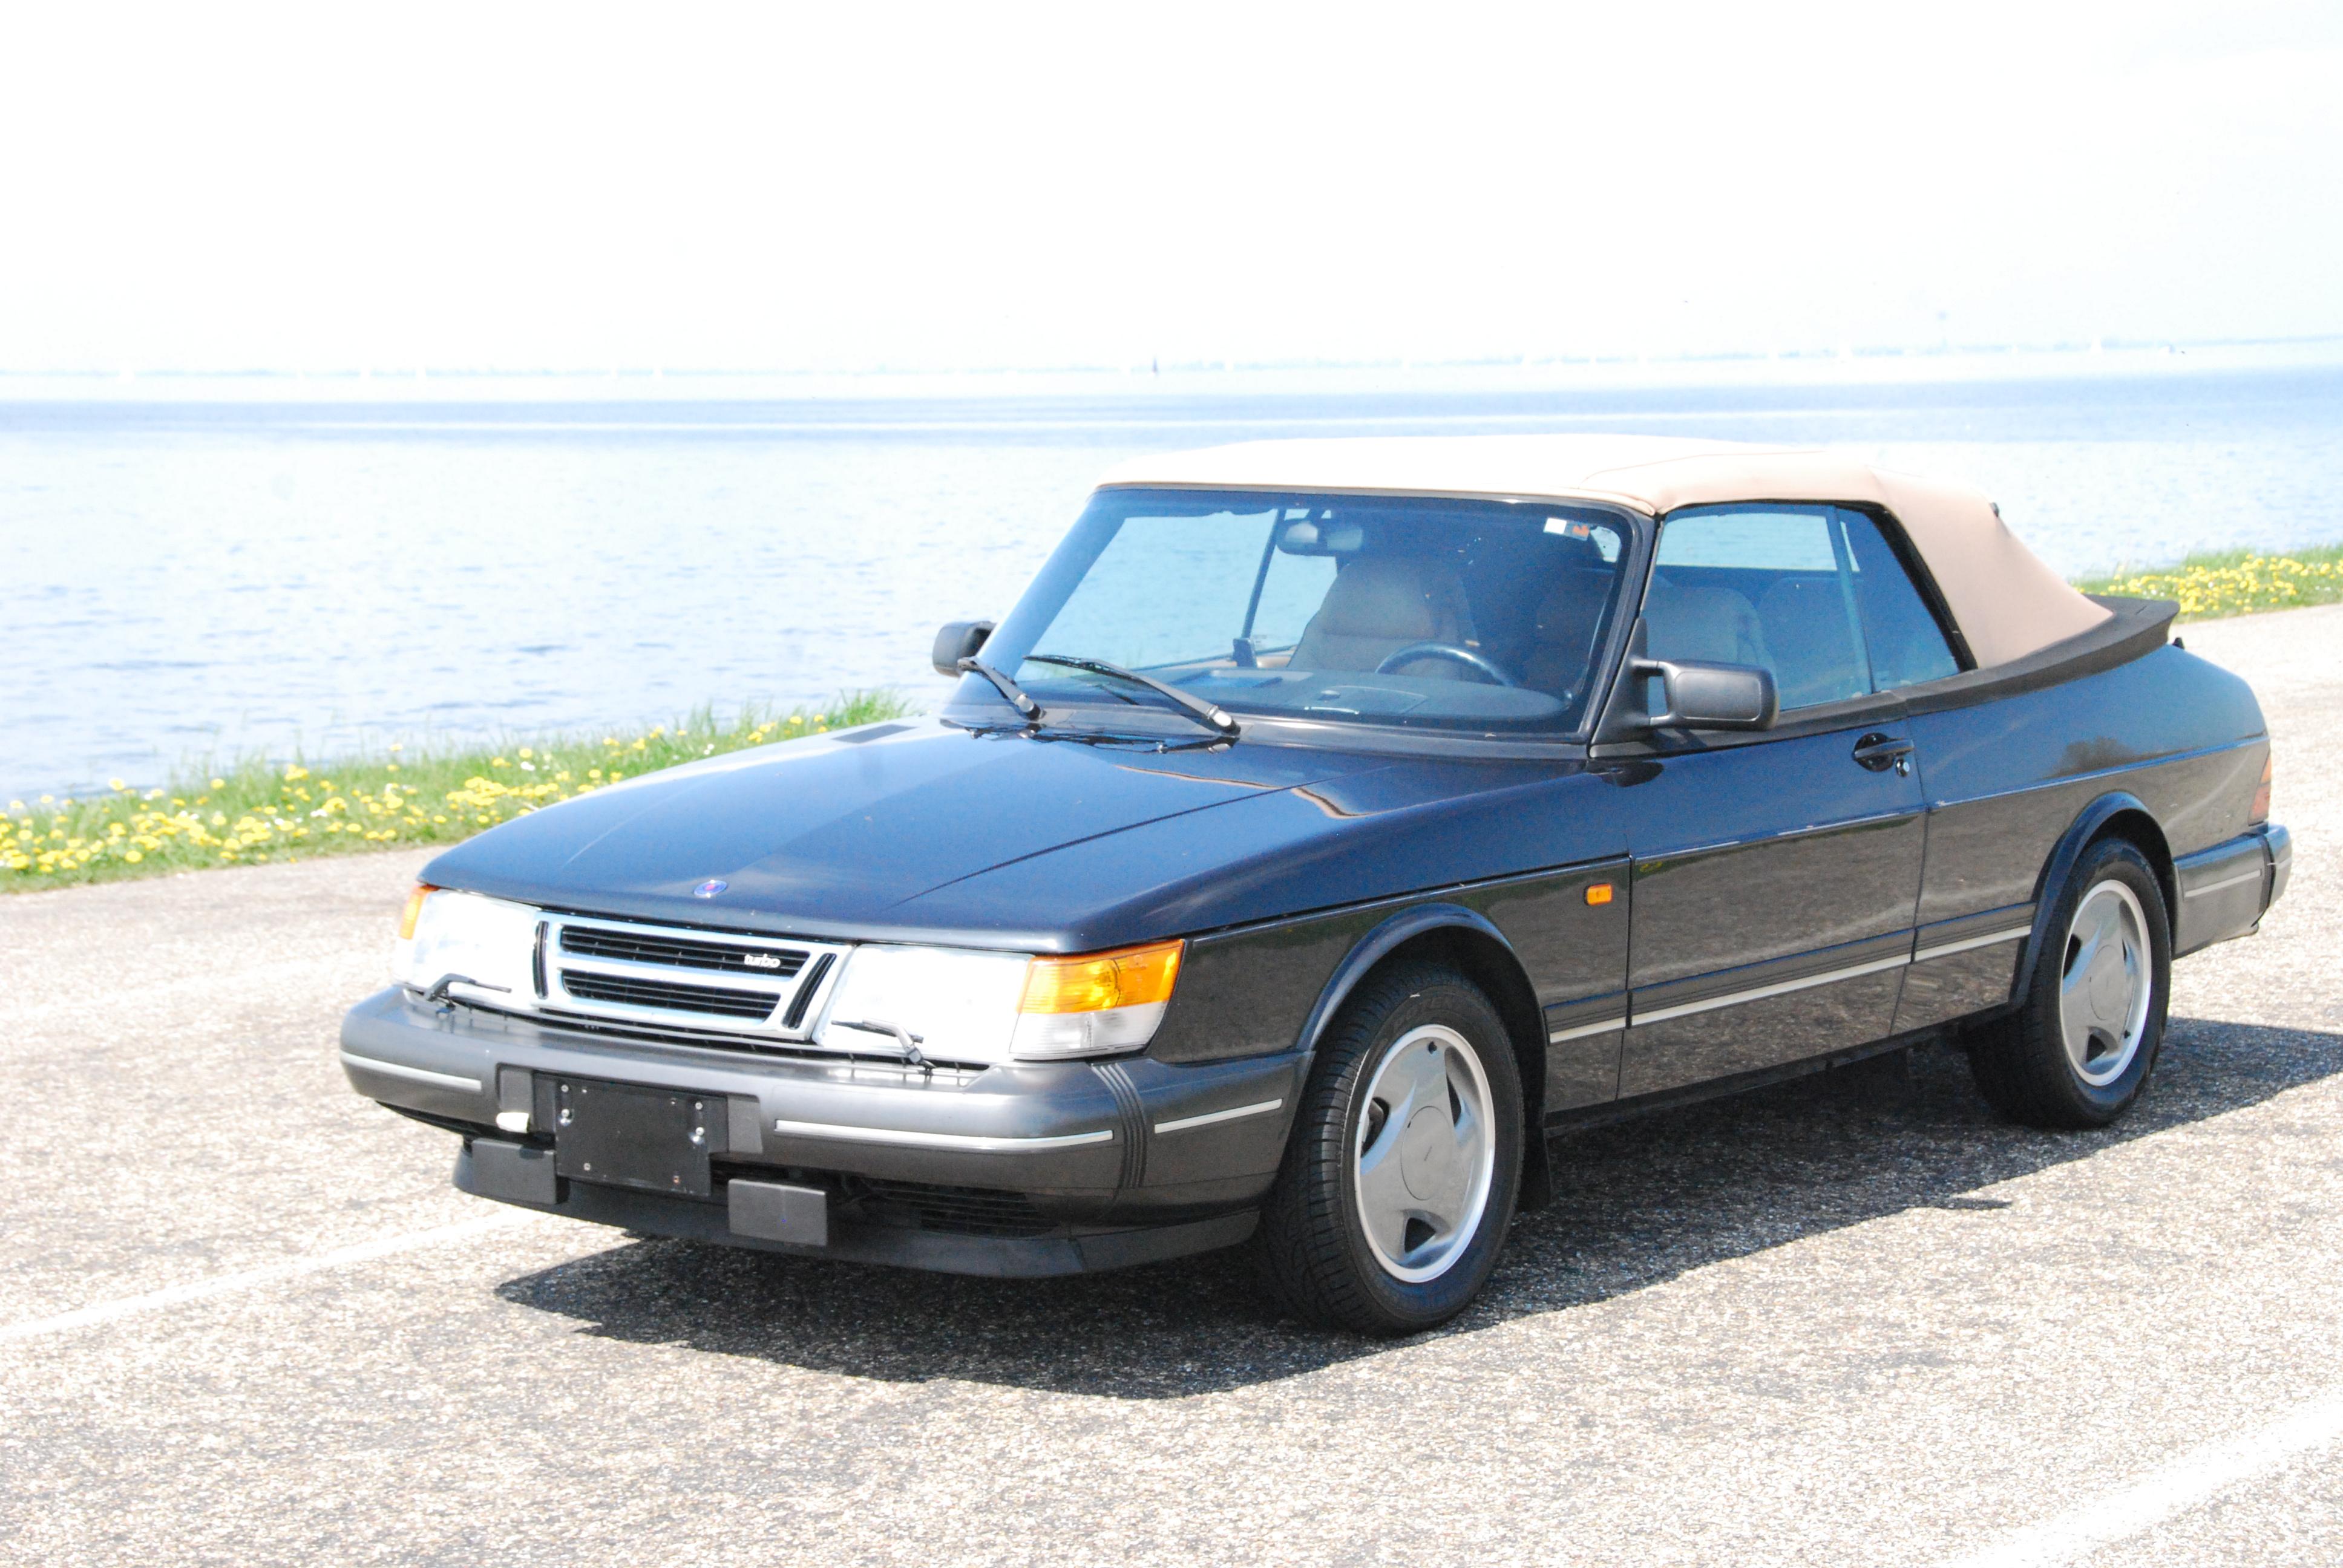 Saab 900 I 1978 - 1994 Cabriolet #3